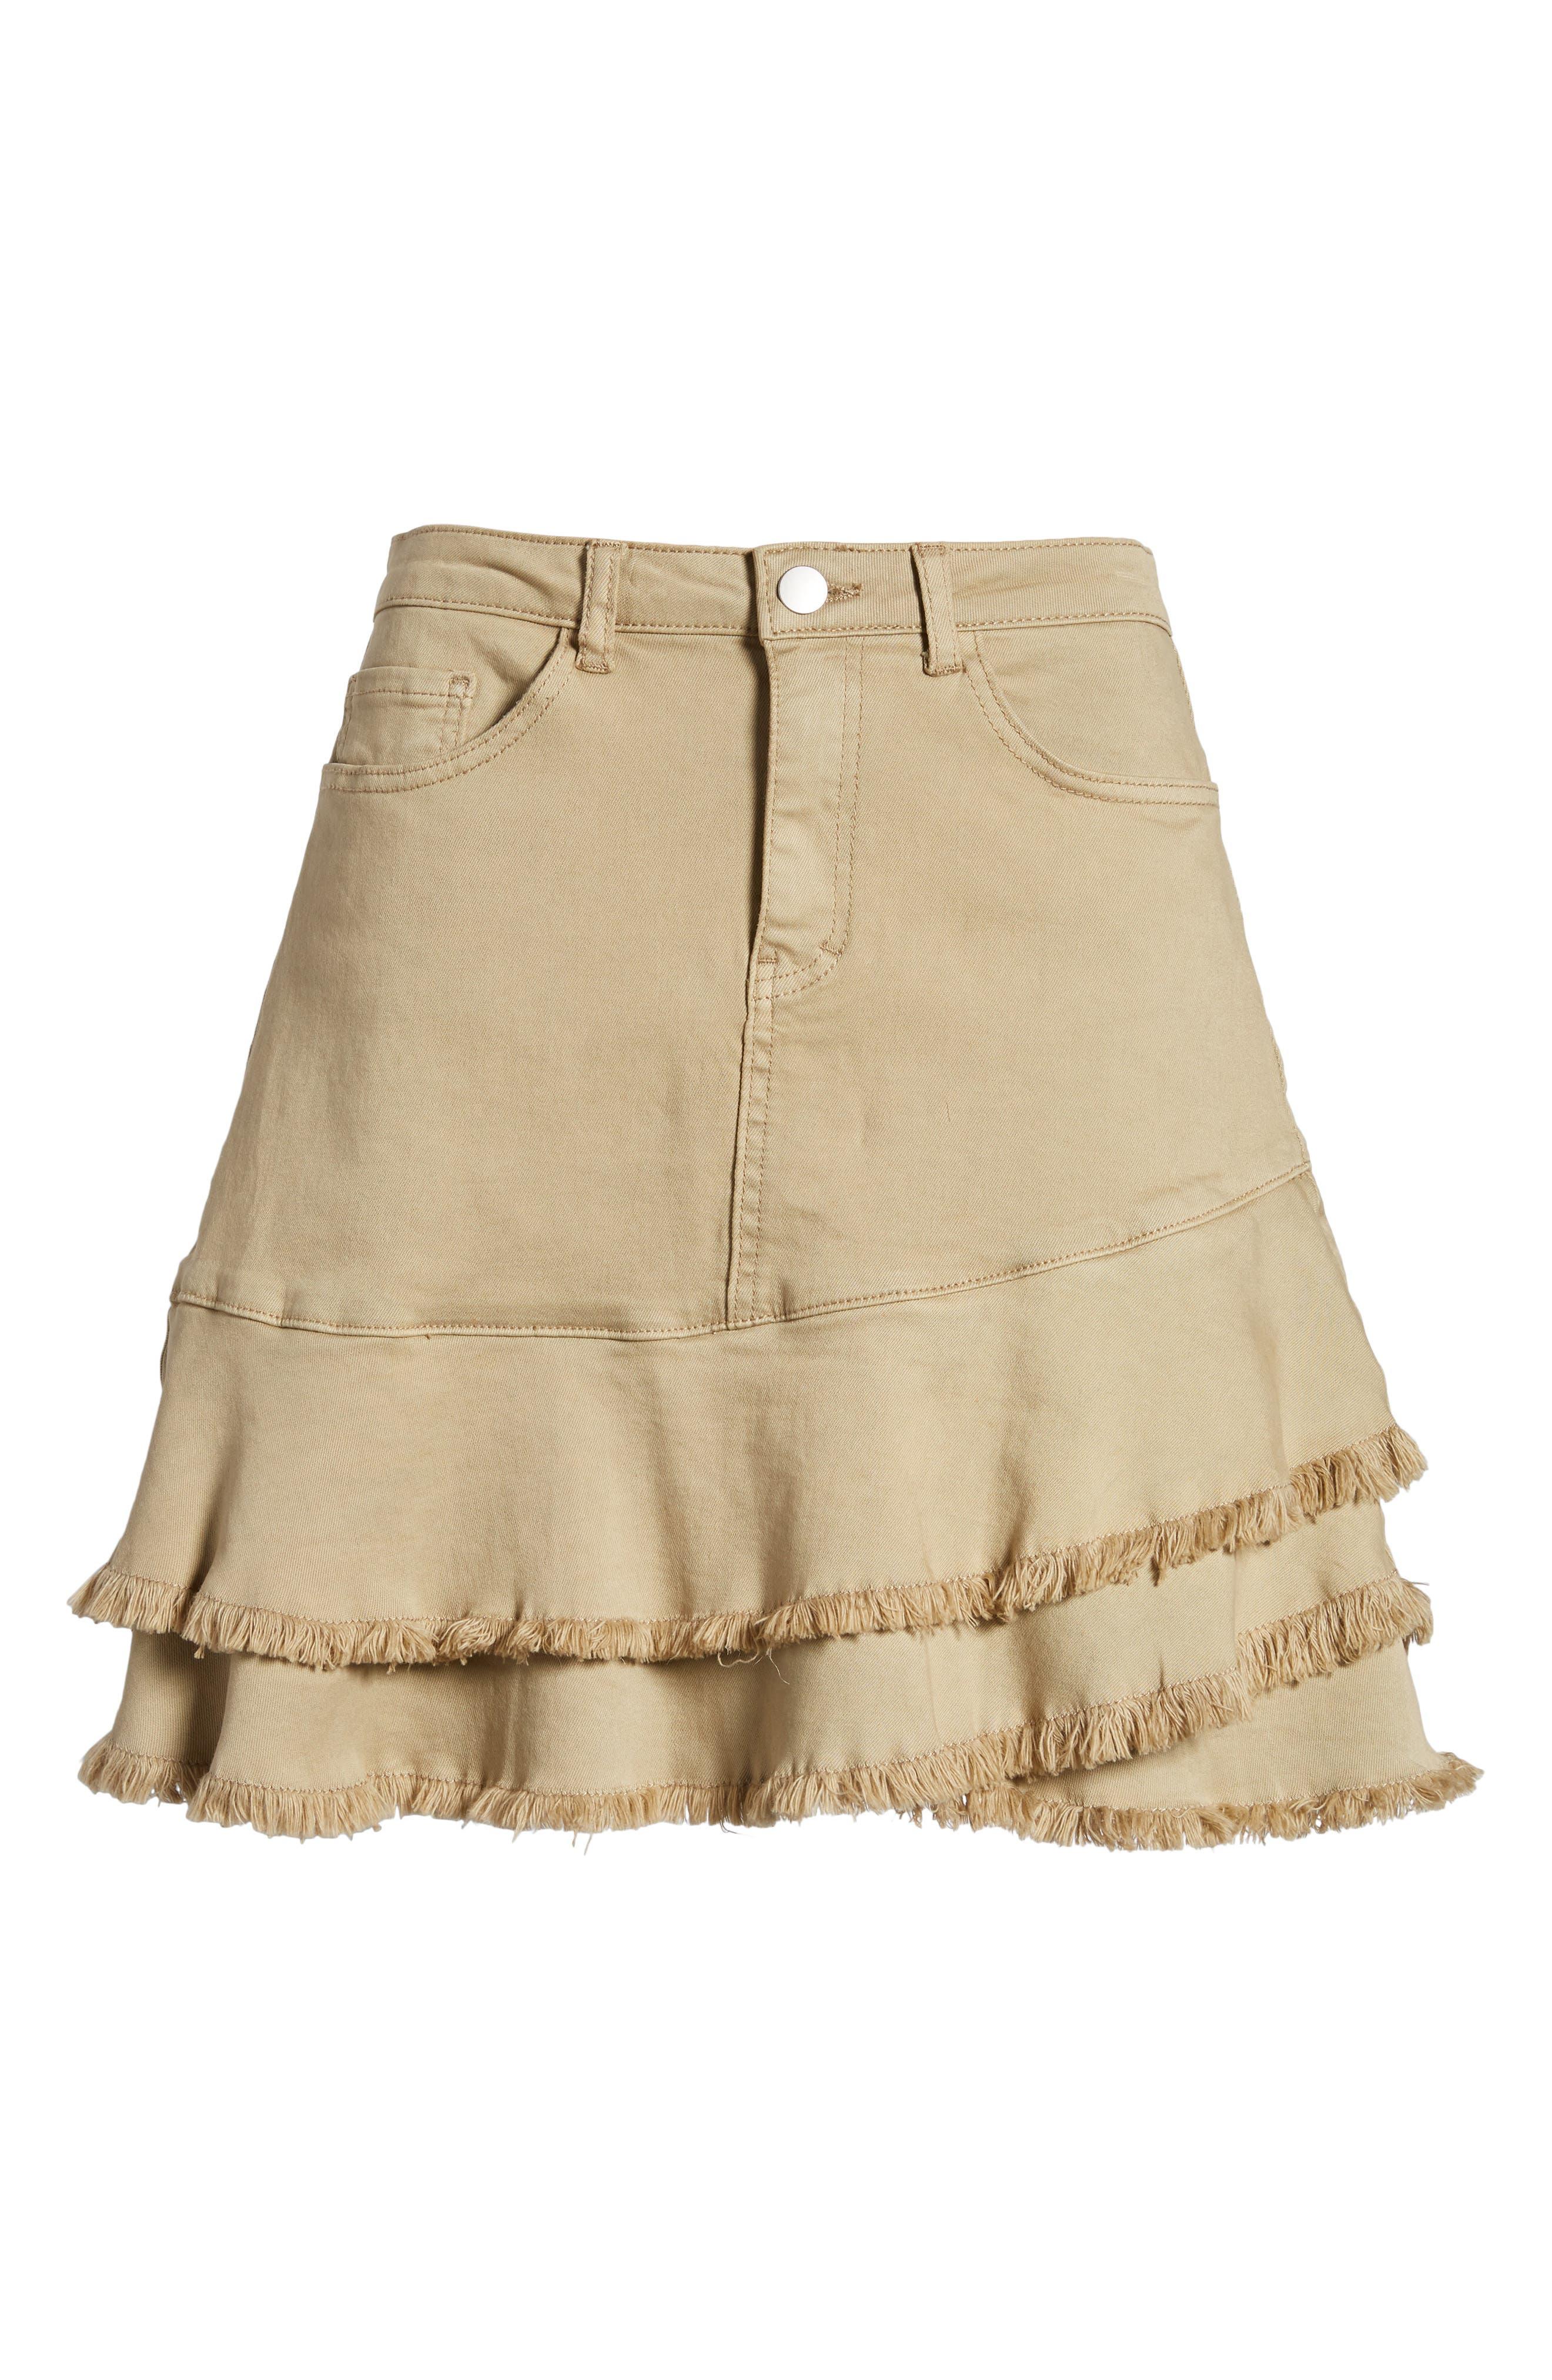 Tiered Fray Hem Skirt,                             Alternate thumbnail 6, color,                             235